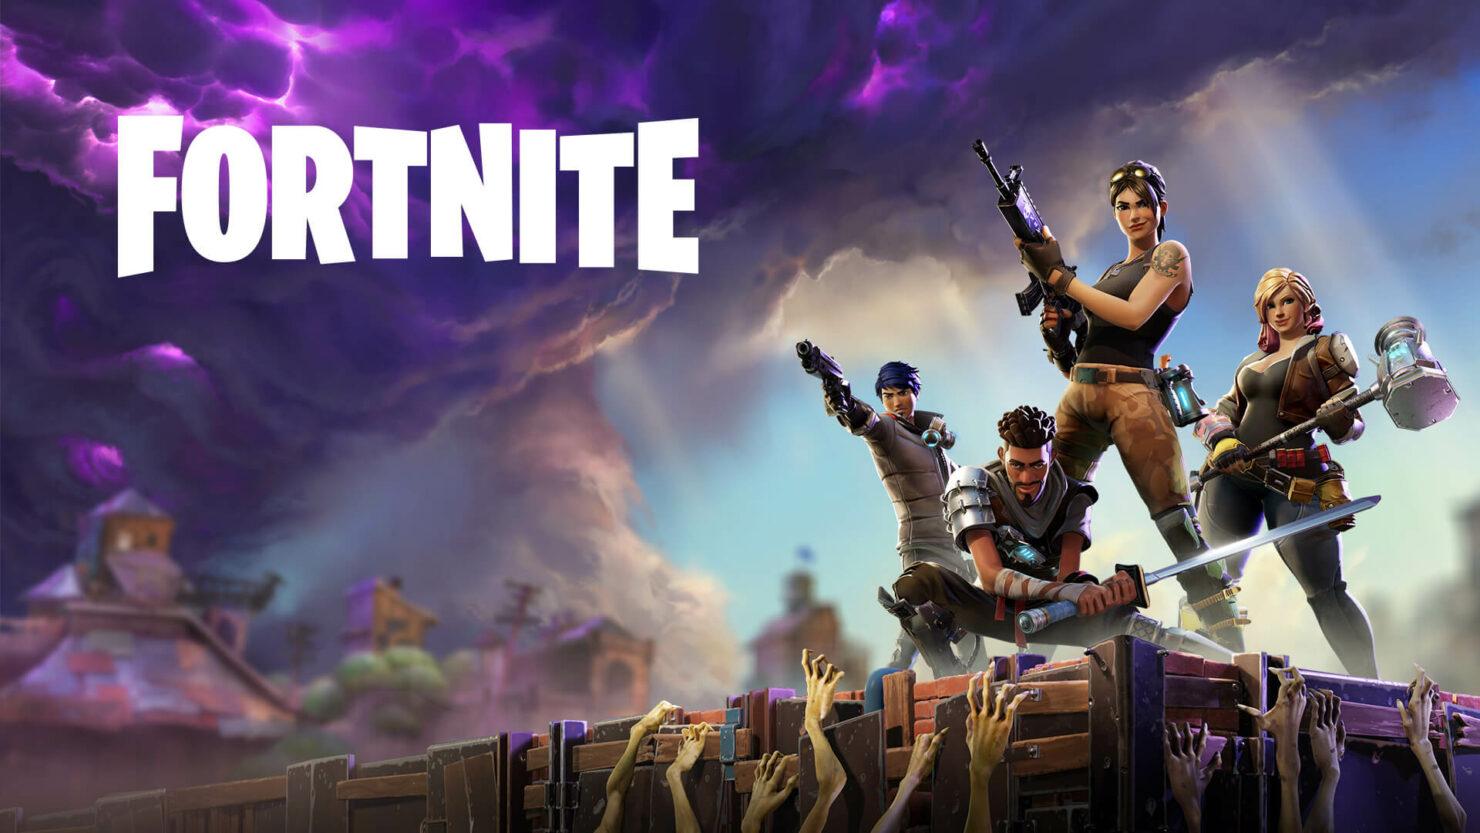 Fortnite Xbox One X update 4K Epic